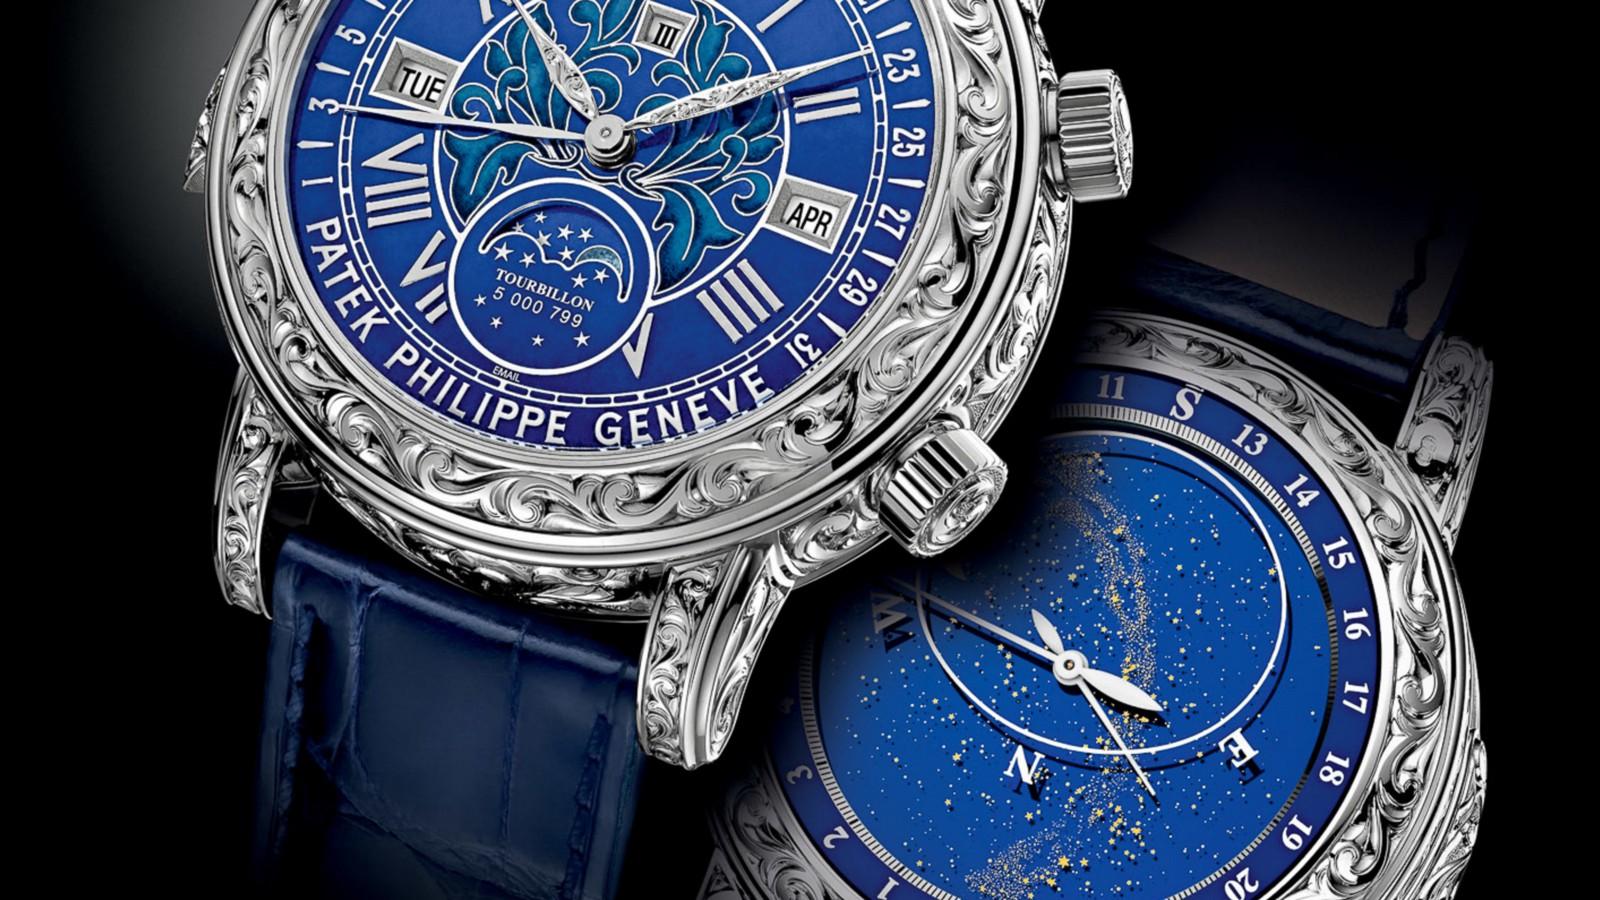 El Patek Philippe Sky Moon Tourbillon es un reloj mecánico que despliega la posición de las estrellas en tiempo real. En Costa Rica hay dos de 10 ejemplares únicos en el mundo, cotizados por más de $1M de dólares.